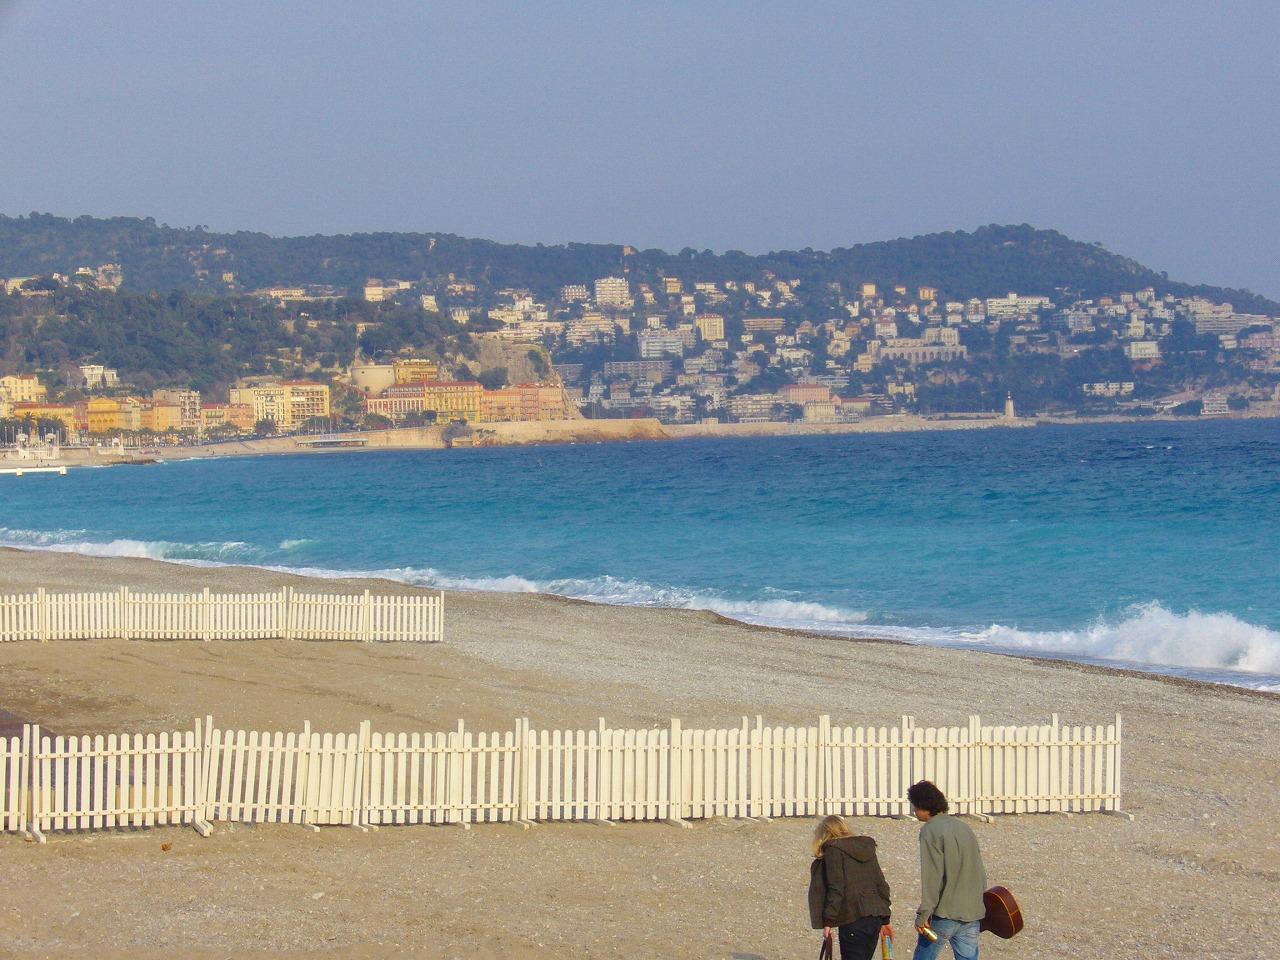 ニースの浜辺